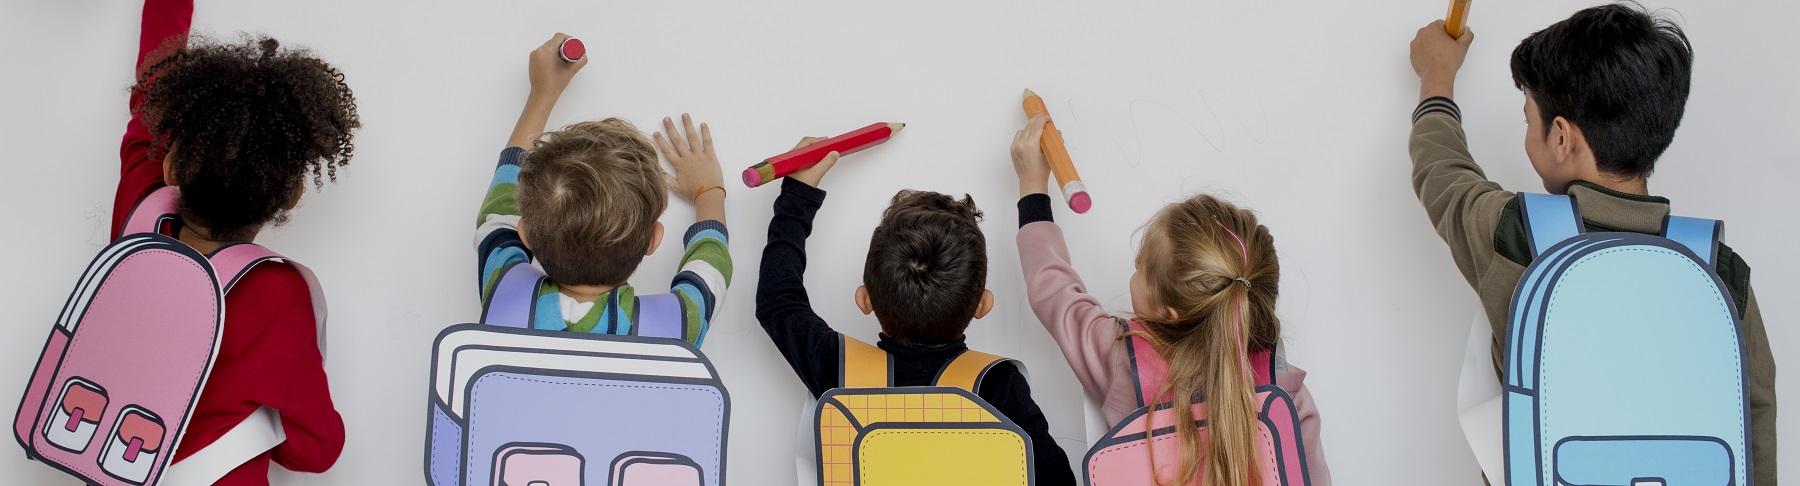 Inscriptions scolaires à Troyes pour 2021/2022 c'est maintenant !